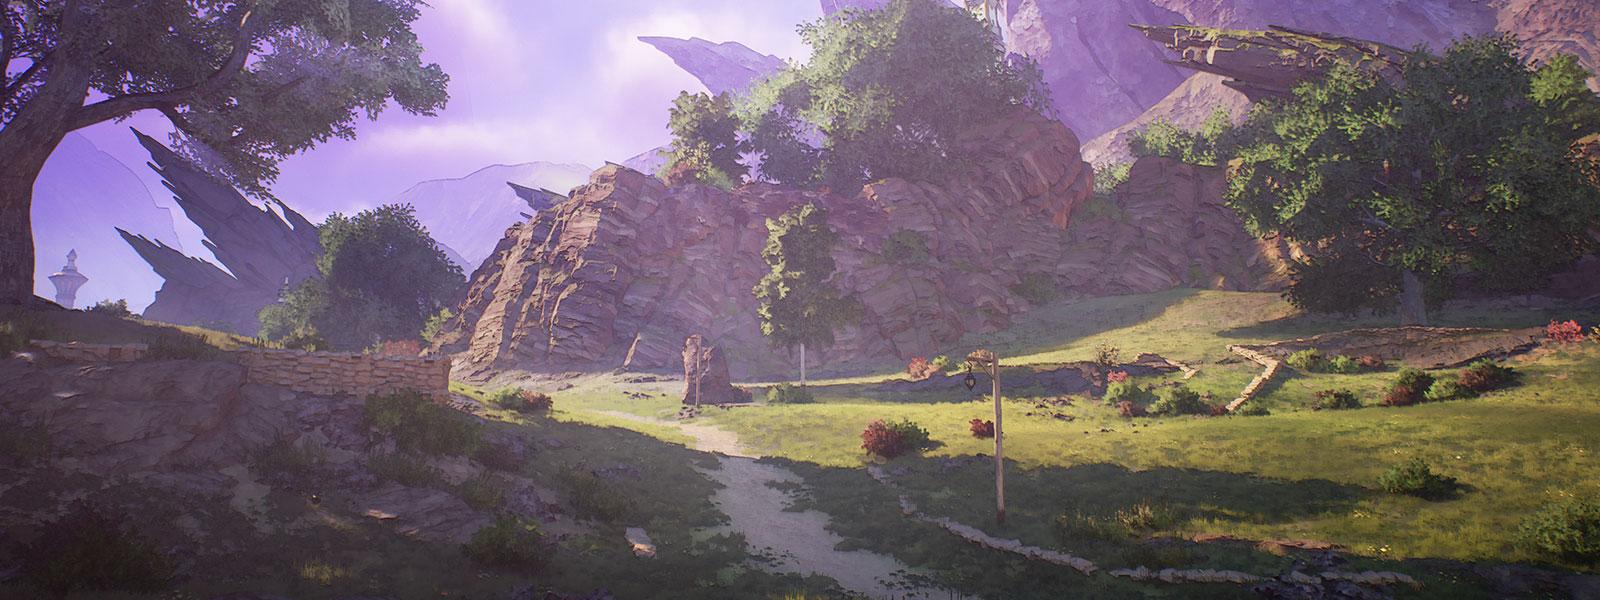 Escenario de un sendero marcado con árboles y montañas rocosas